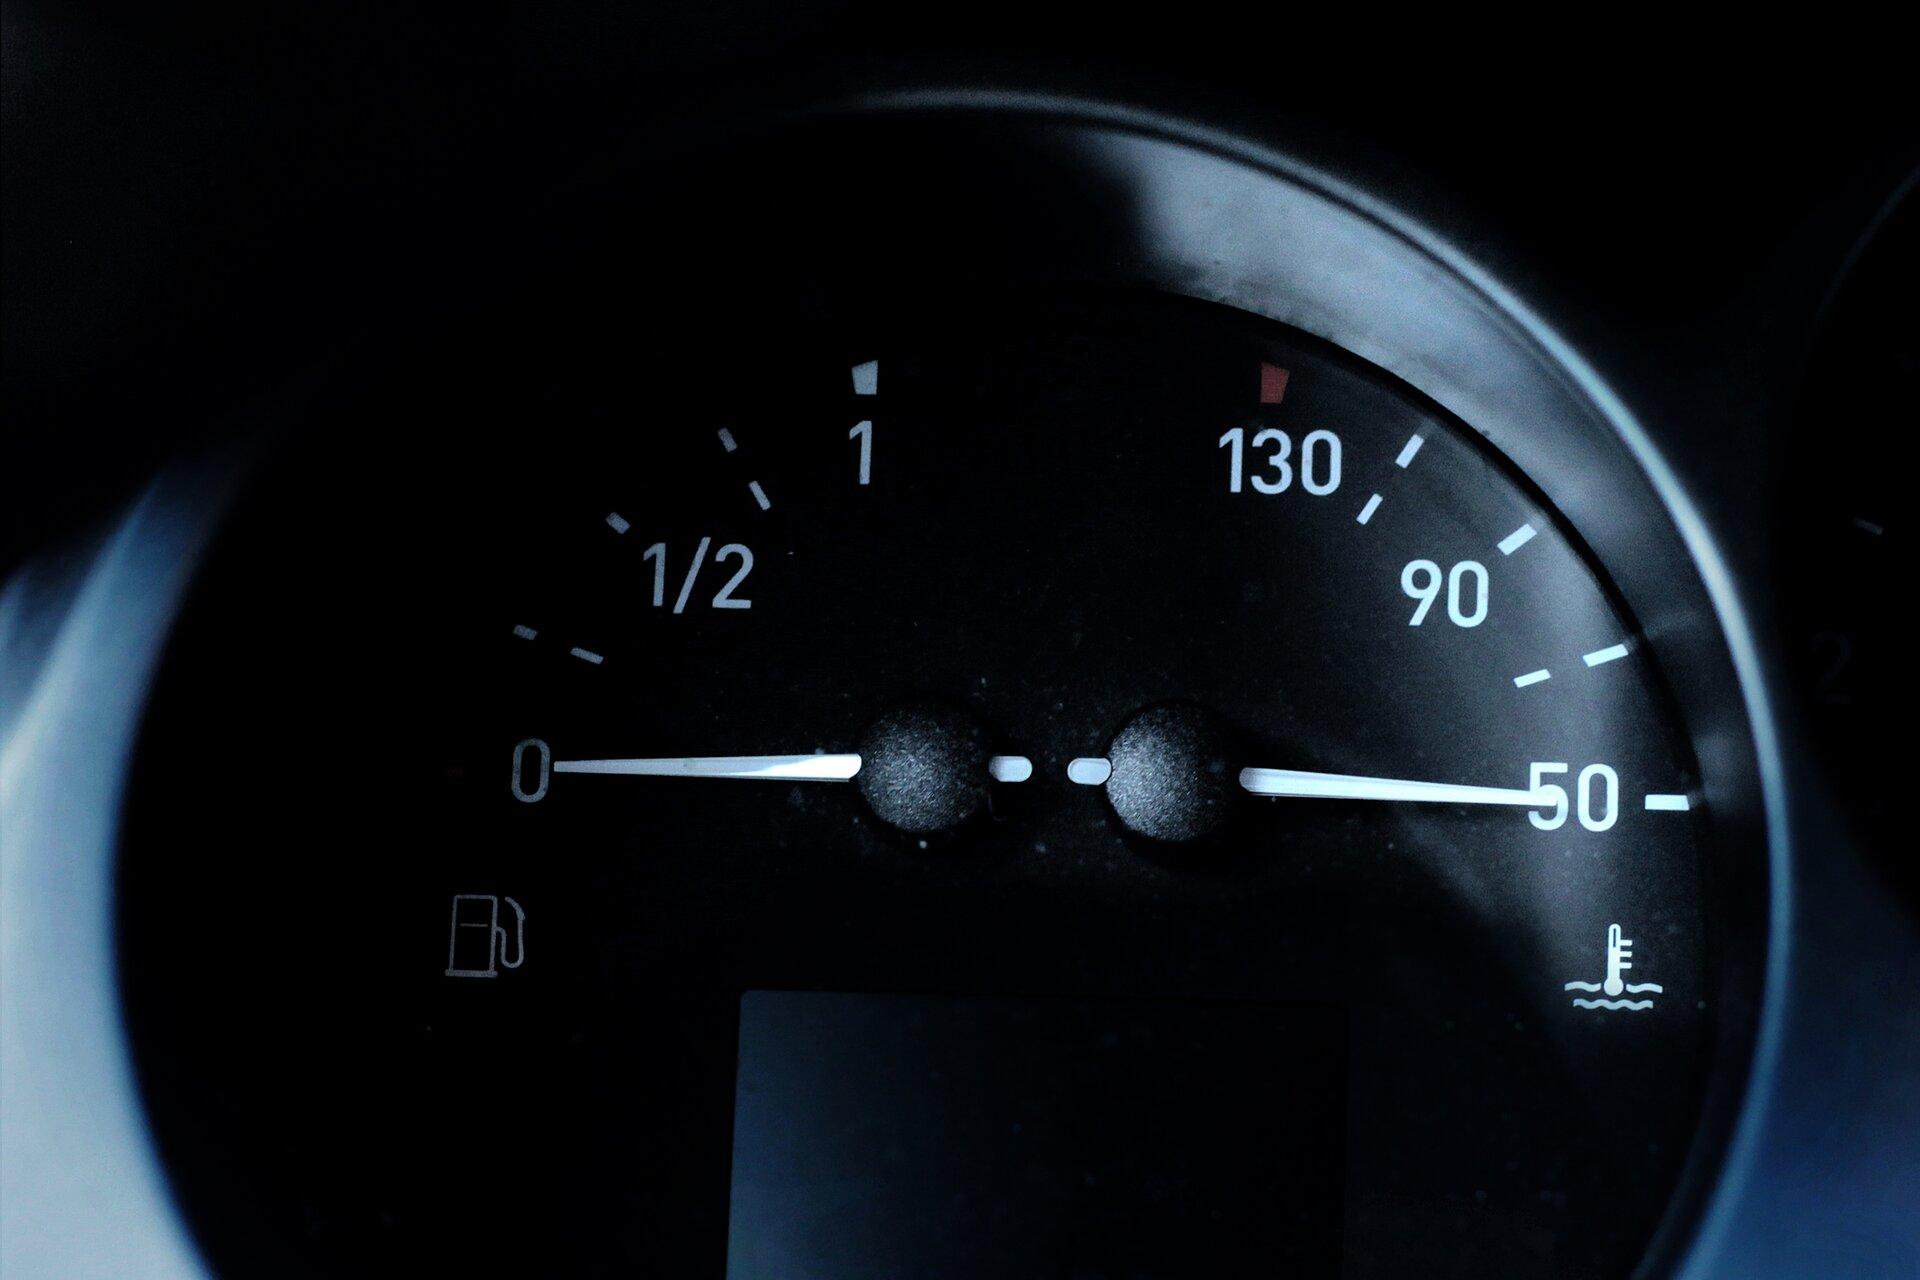 Zdjęcie wskaźnika oleju ibenzyny wsamochodzie.